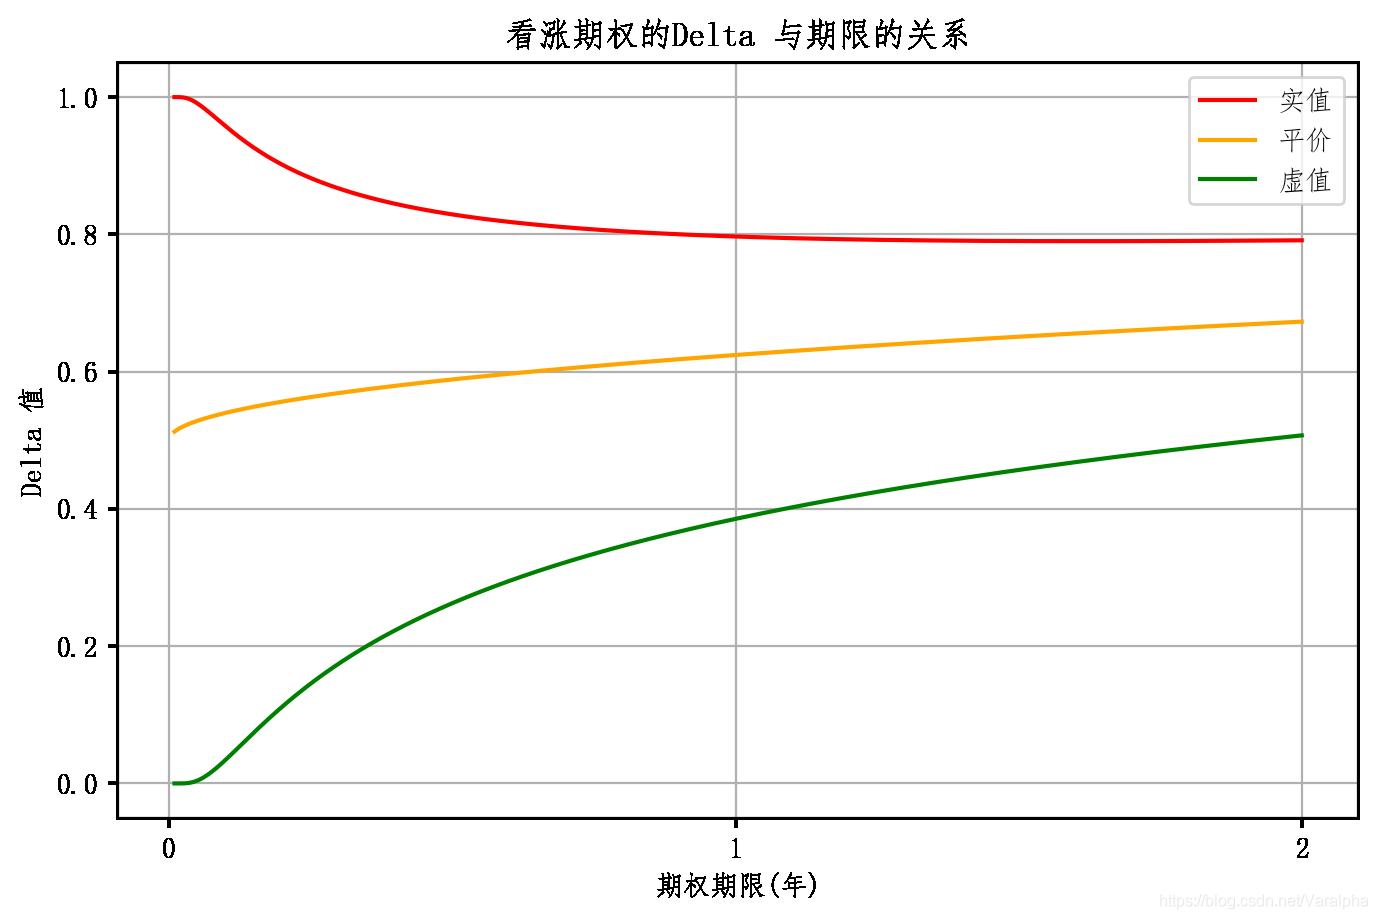 Delta 看涨 与期限